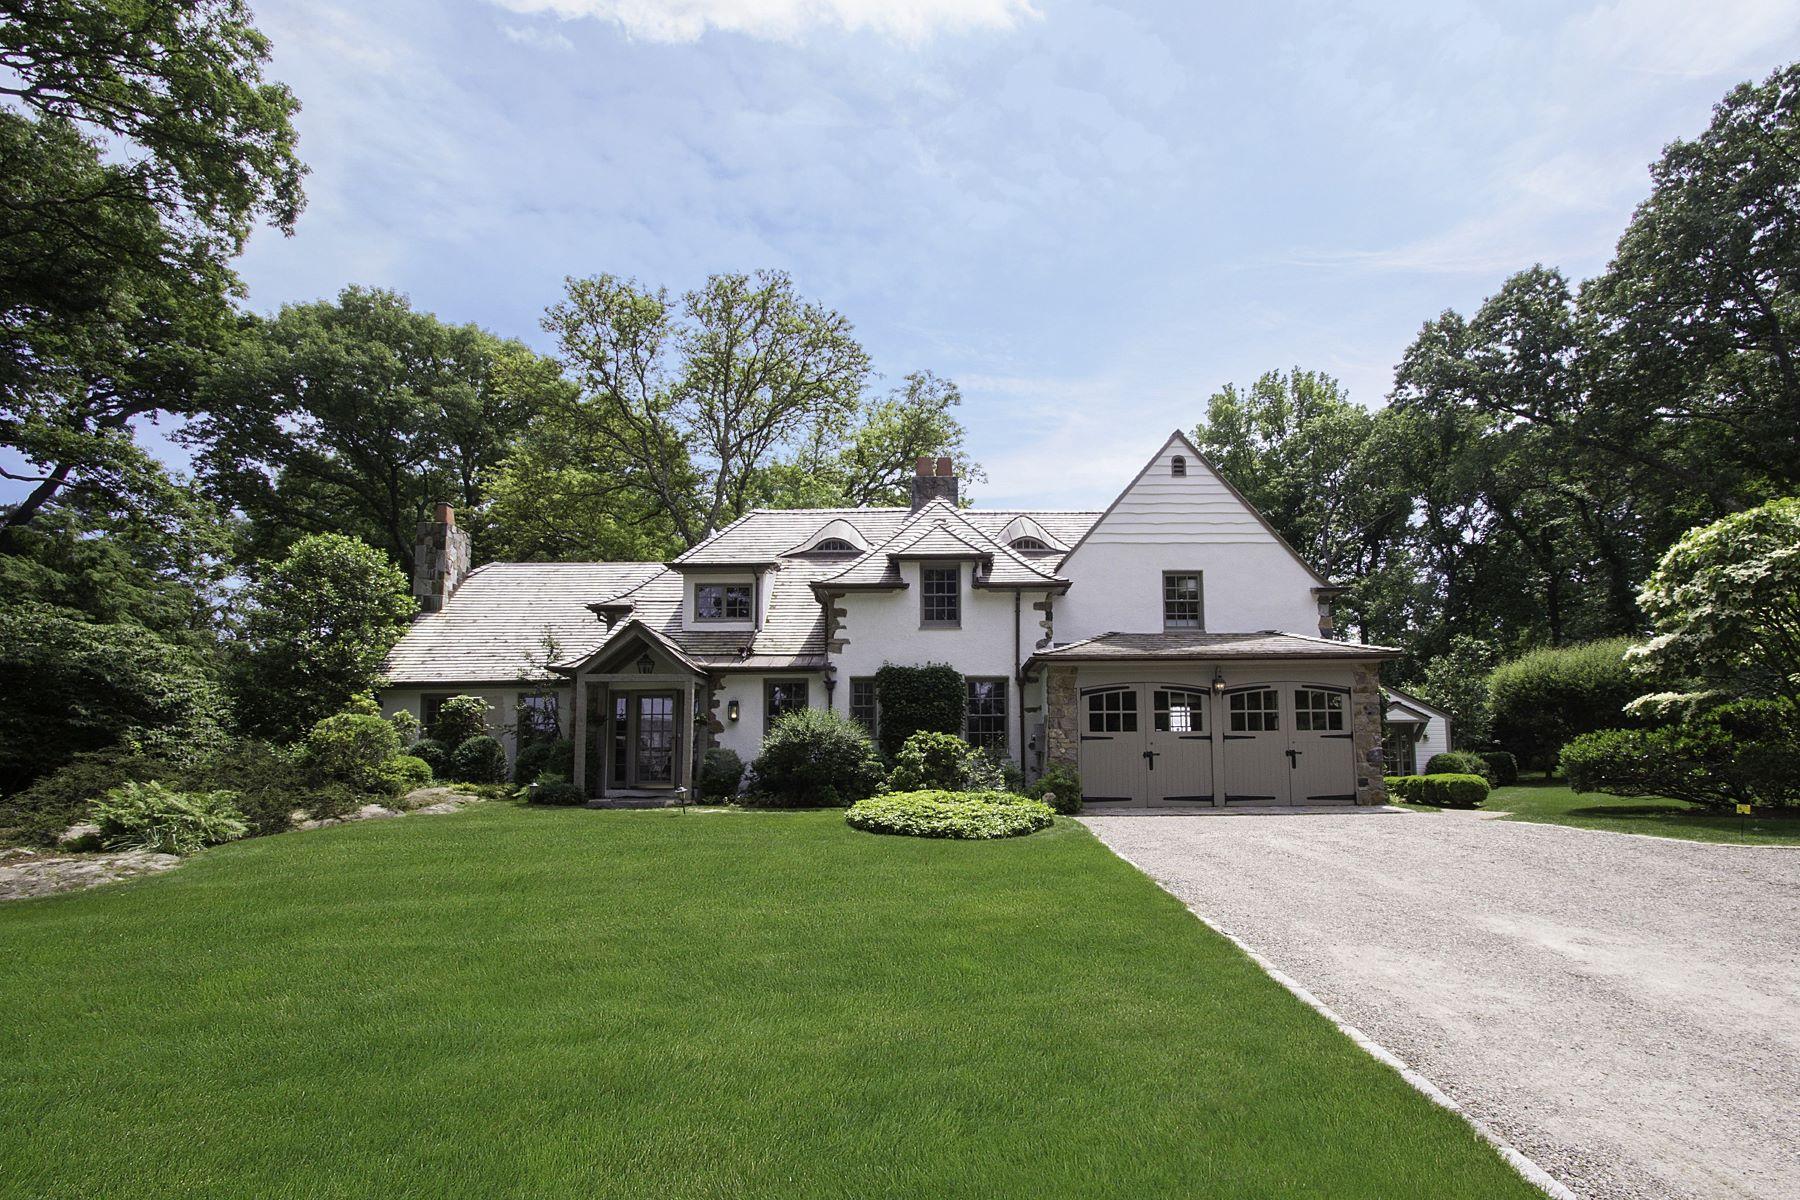 Частный односемейный дом для того Продажа на 23 Valley Road 23 Valley Road Norwalk, Коннектикут 06854 Соединенные Штаты